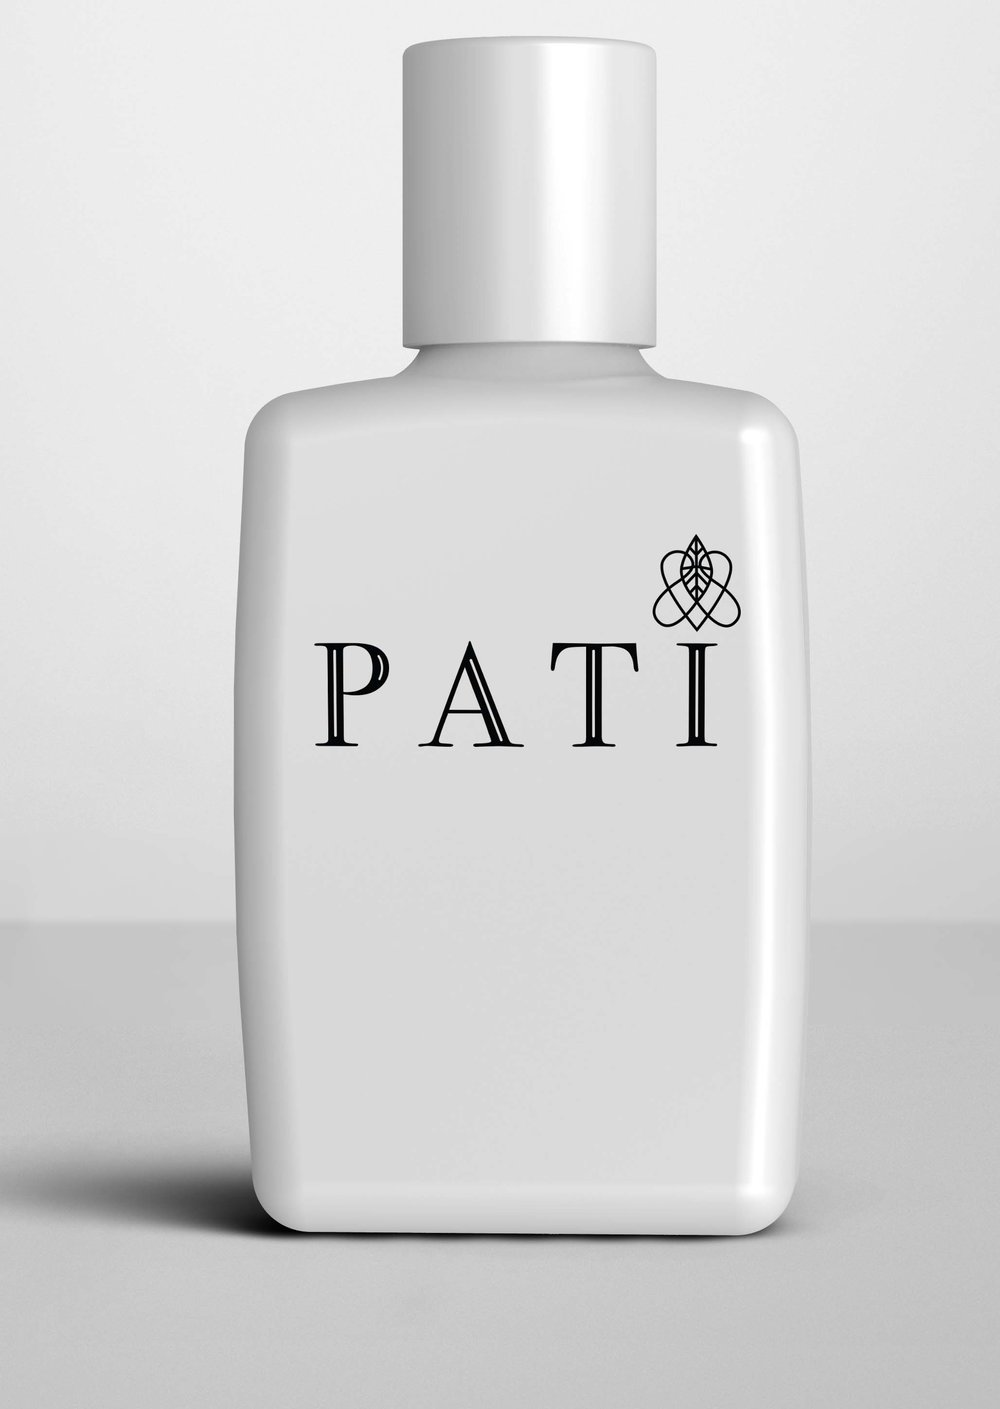 Pati_01_bottle_01.jpg